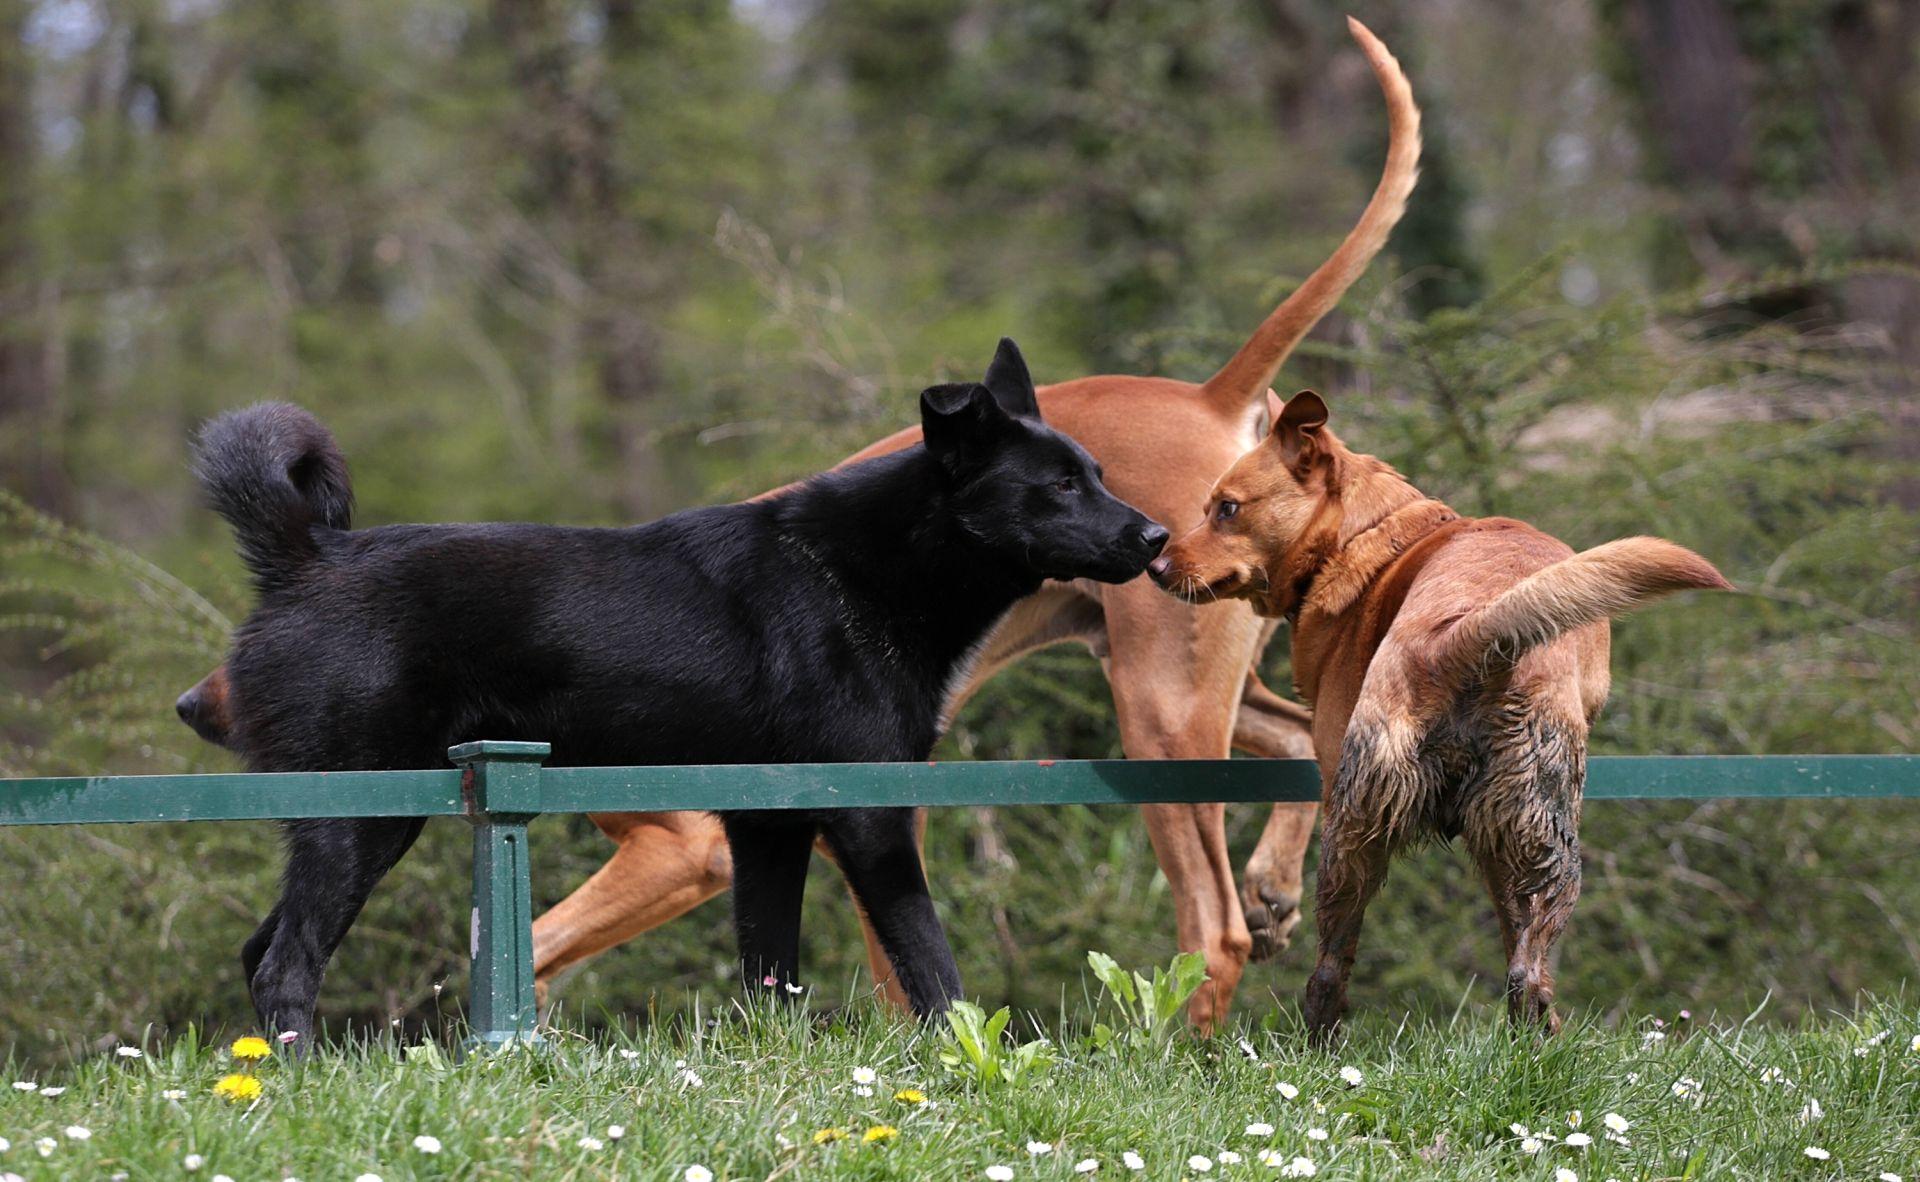 MEĐIMURSKA ŽUPANIJA: Oko 2500 nečipiranih i necijepljenih pasa